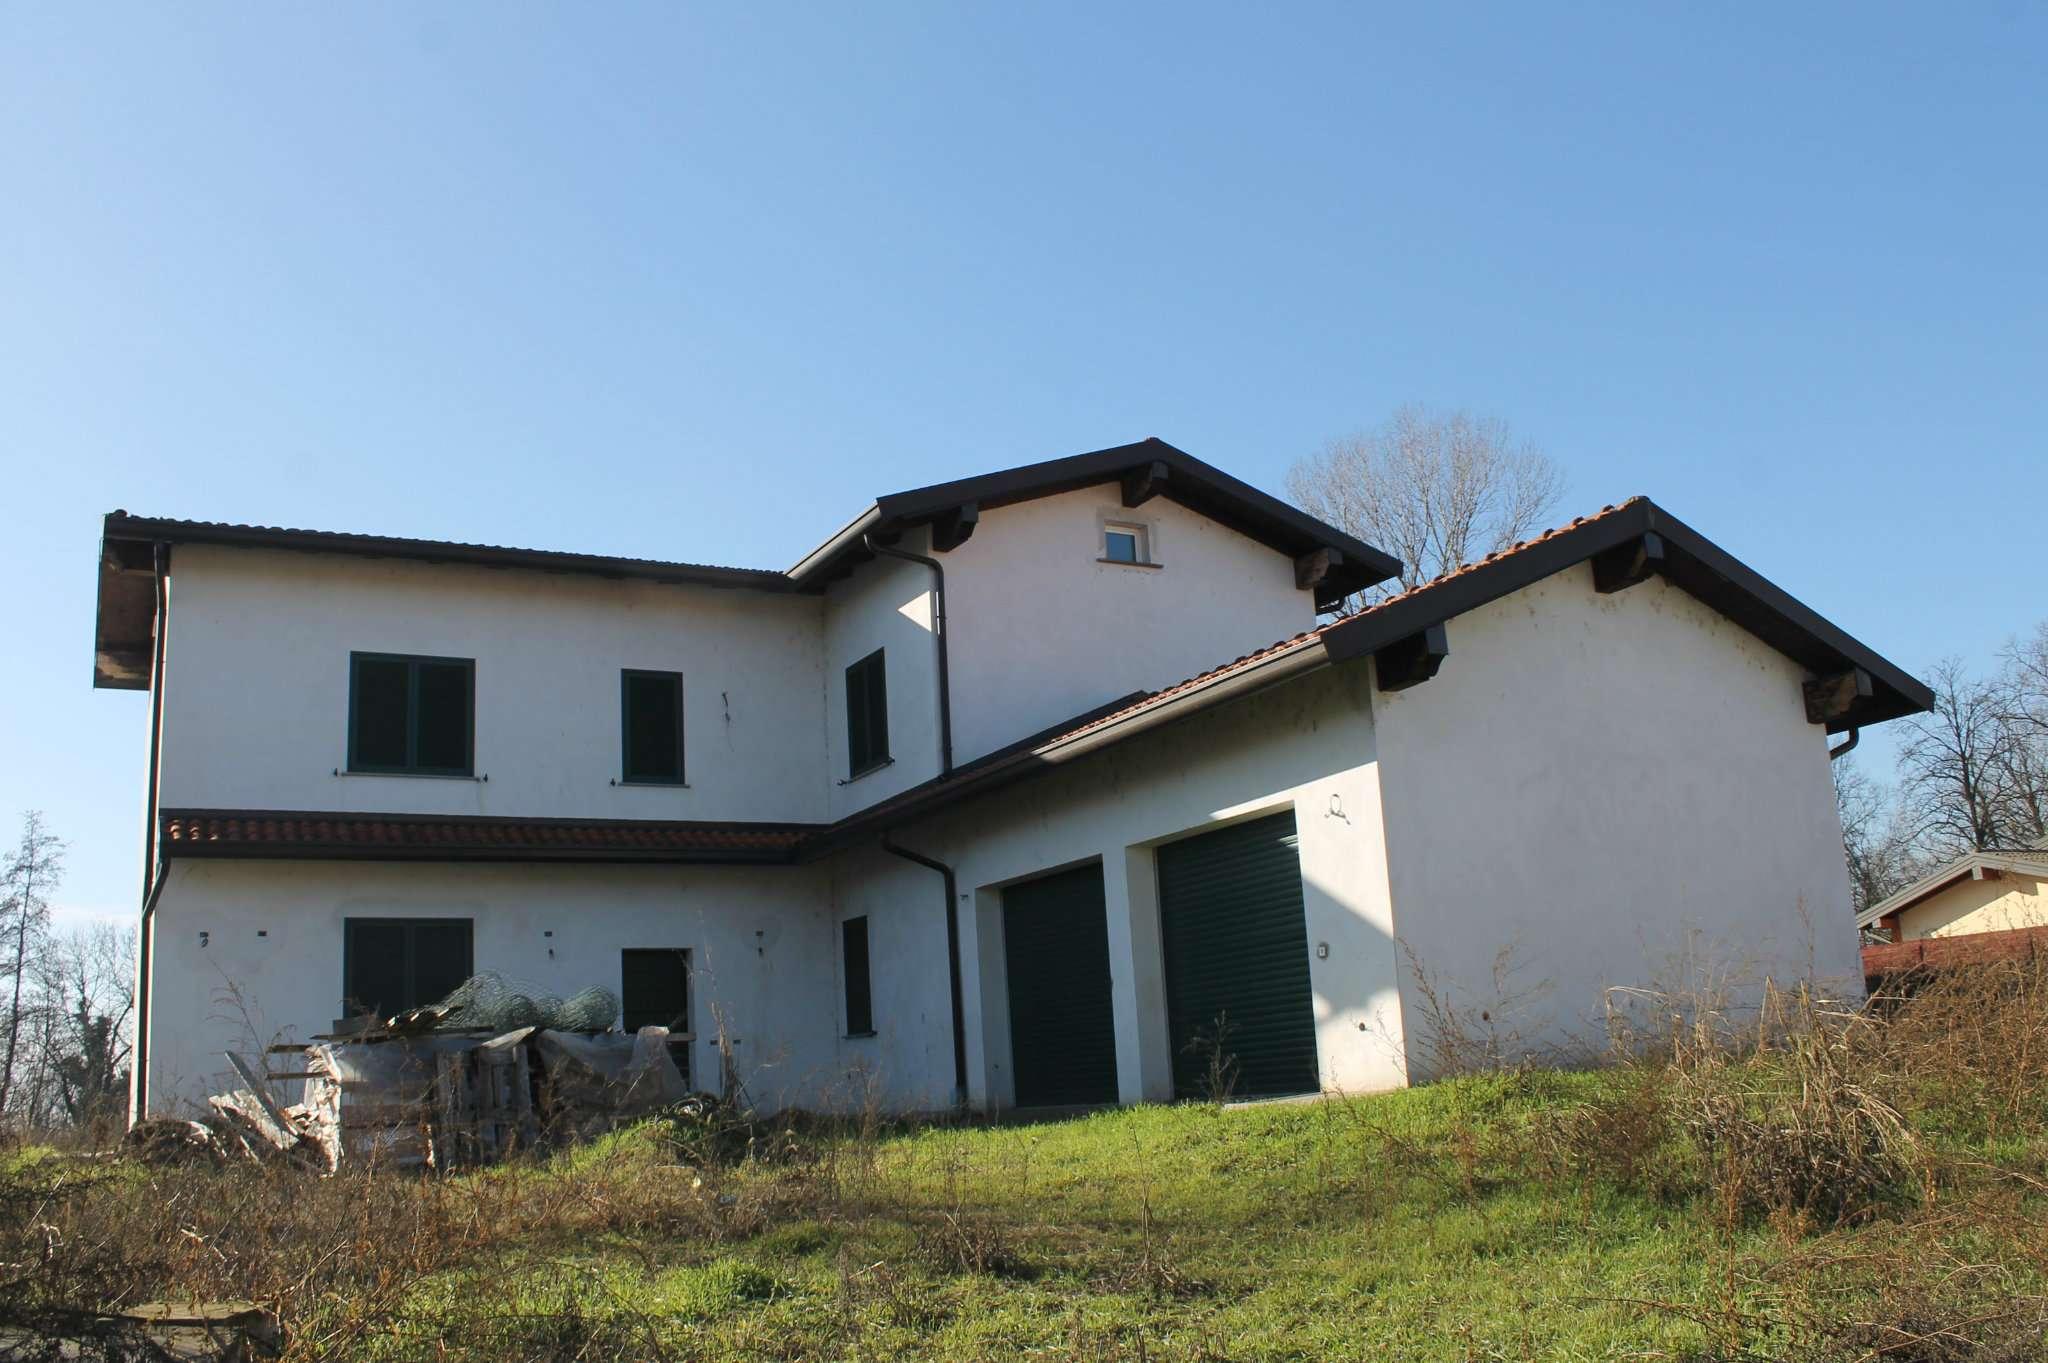 Villa in vendita a Bereguardo, 7 locali, prezzo € 430.000 | CambioCasa.it